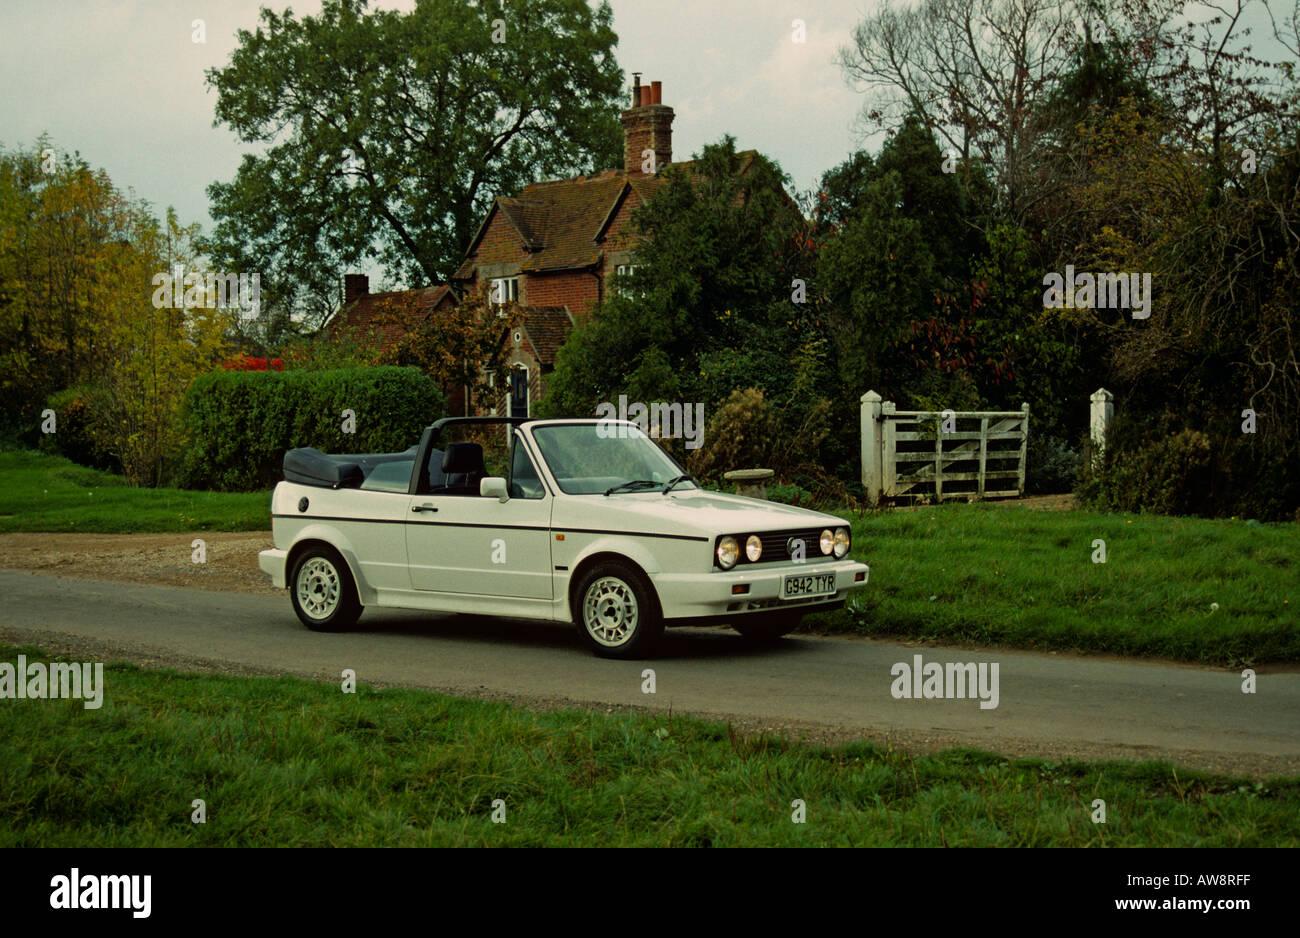 100 Volkswagen Convertible Cabrio Volkswagen Golf Mk1 Gti Cabriolet Mk1 Cabriolet 1980 To